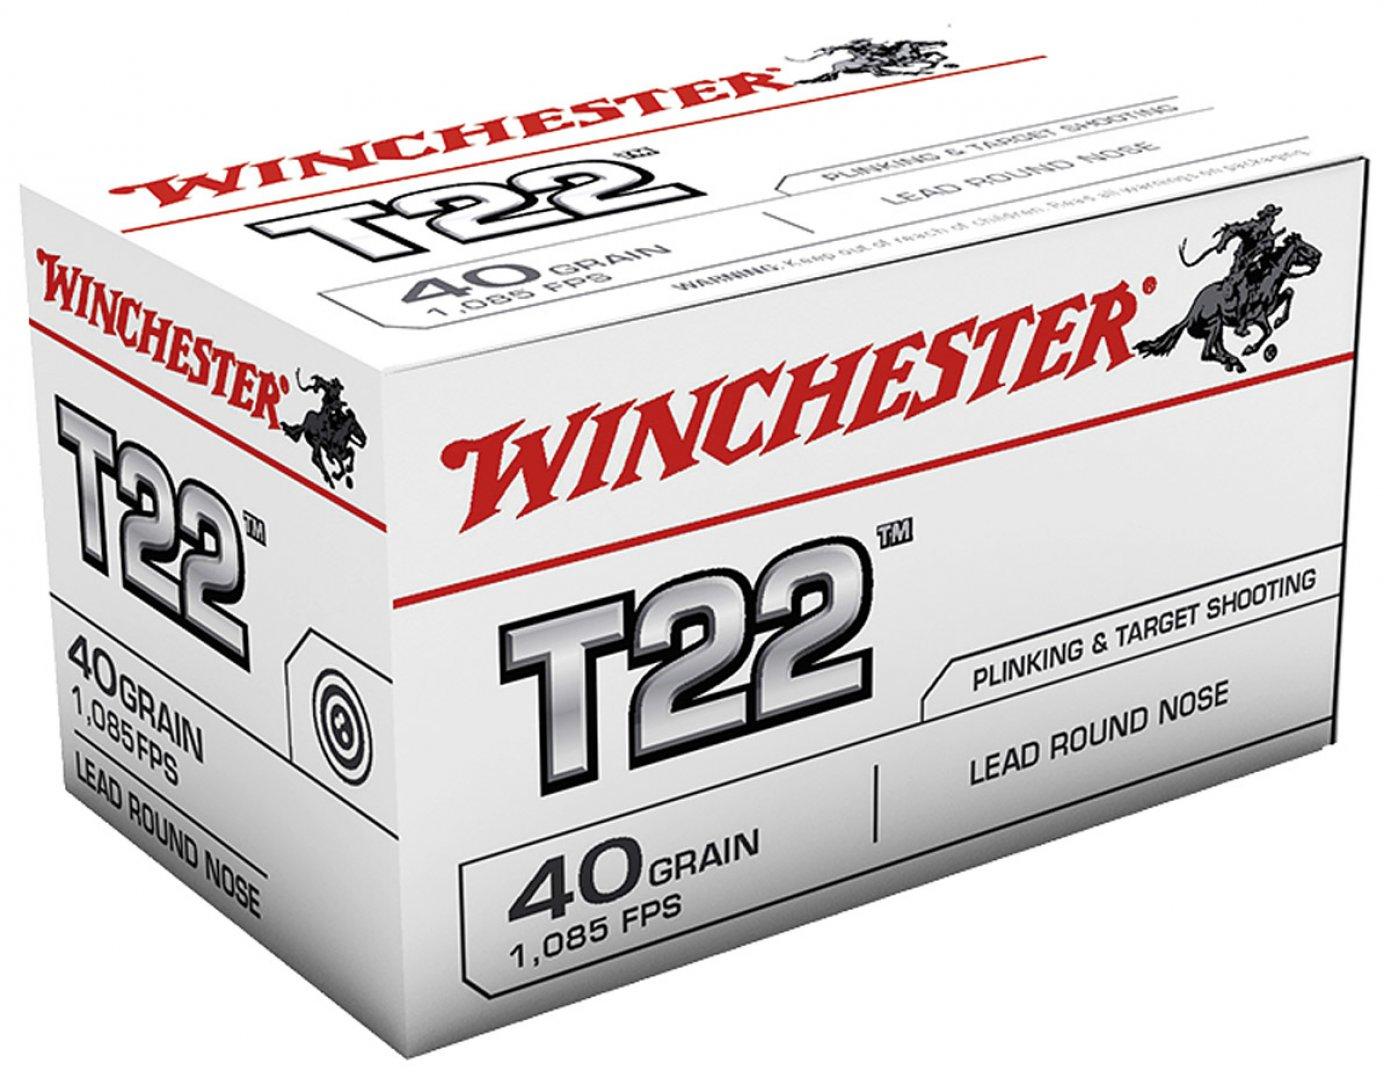 Boite de 50 cartouches T 22 STANDARD WT22LR